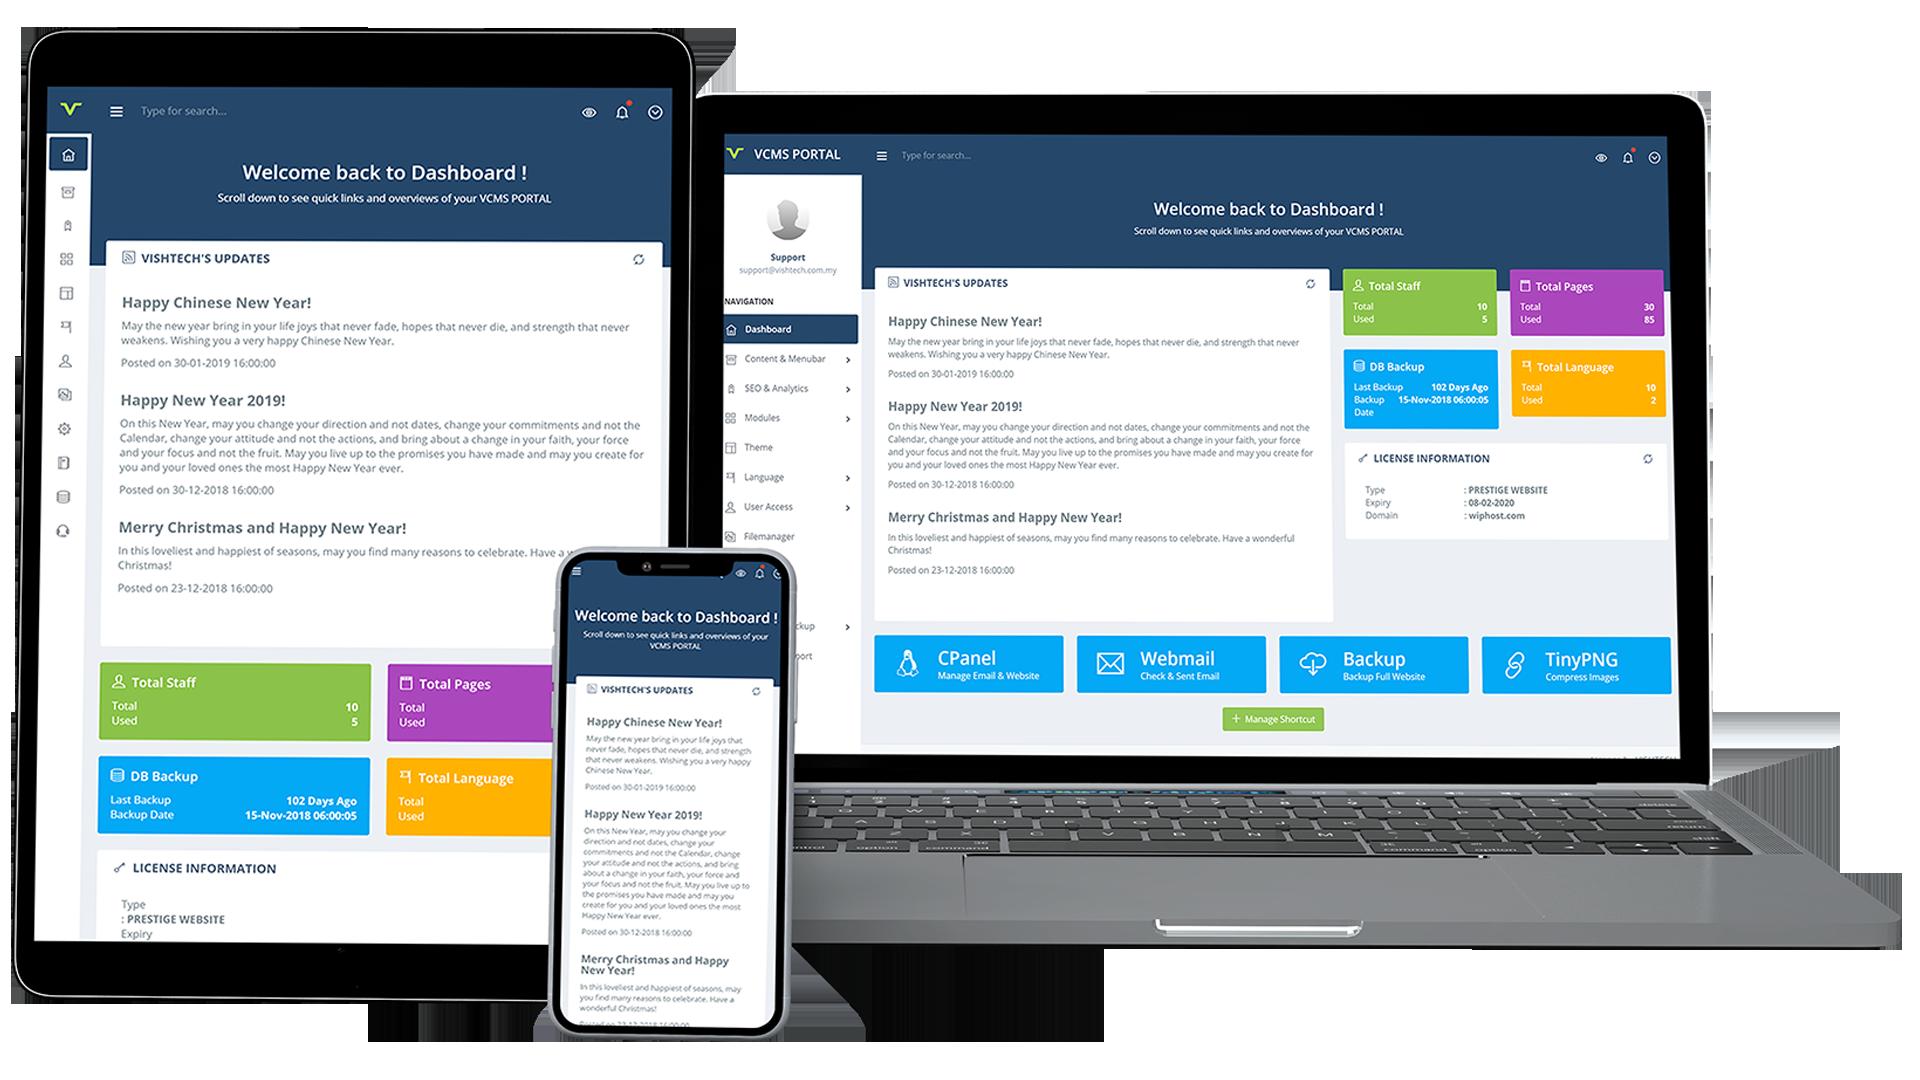 VCMS PORTAL - VISHTECH Content Management System